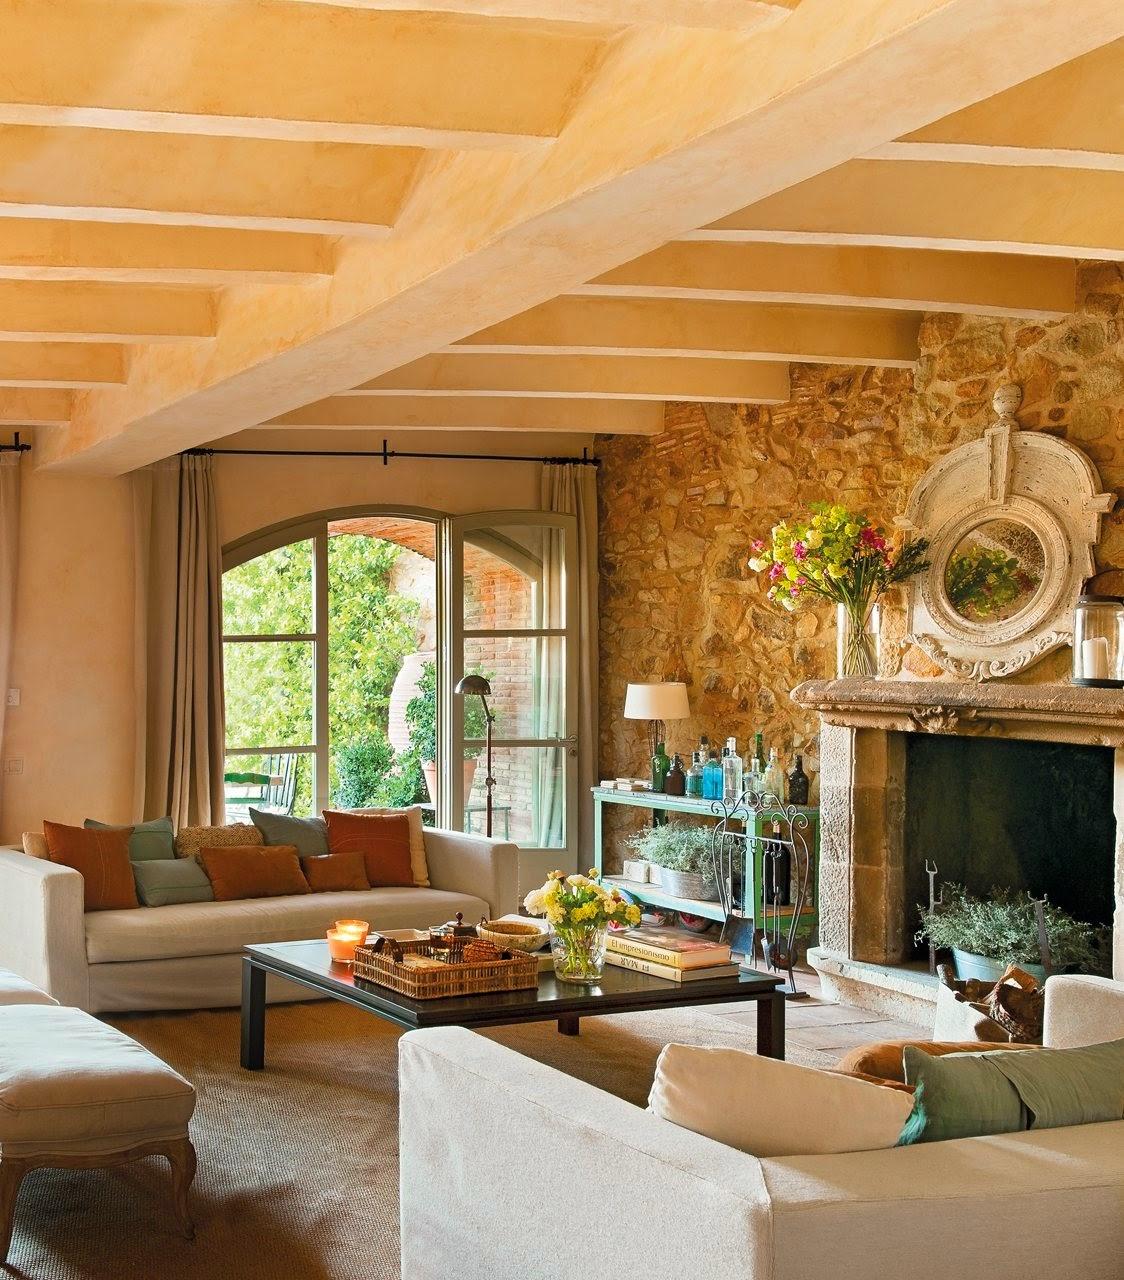 Essa casa tem mais de três seculos de historia, e ela é perfeita